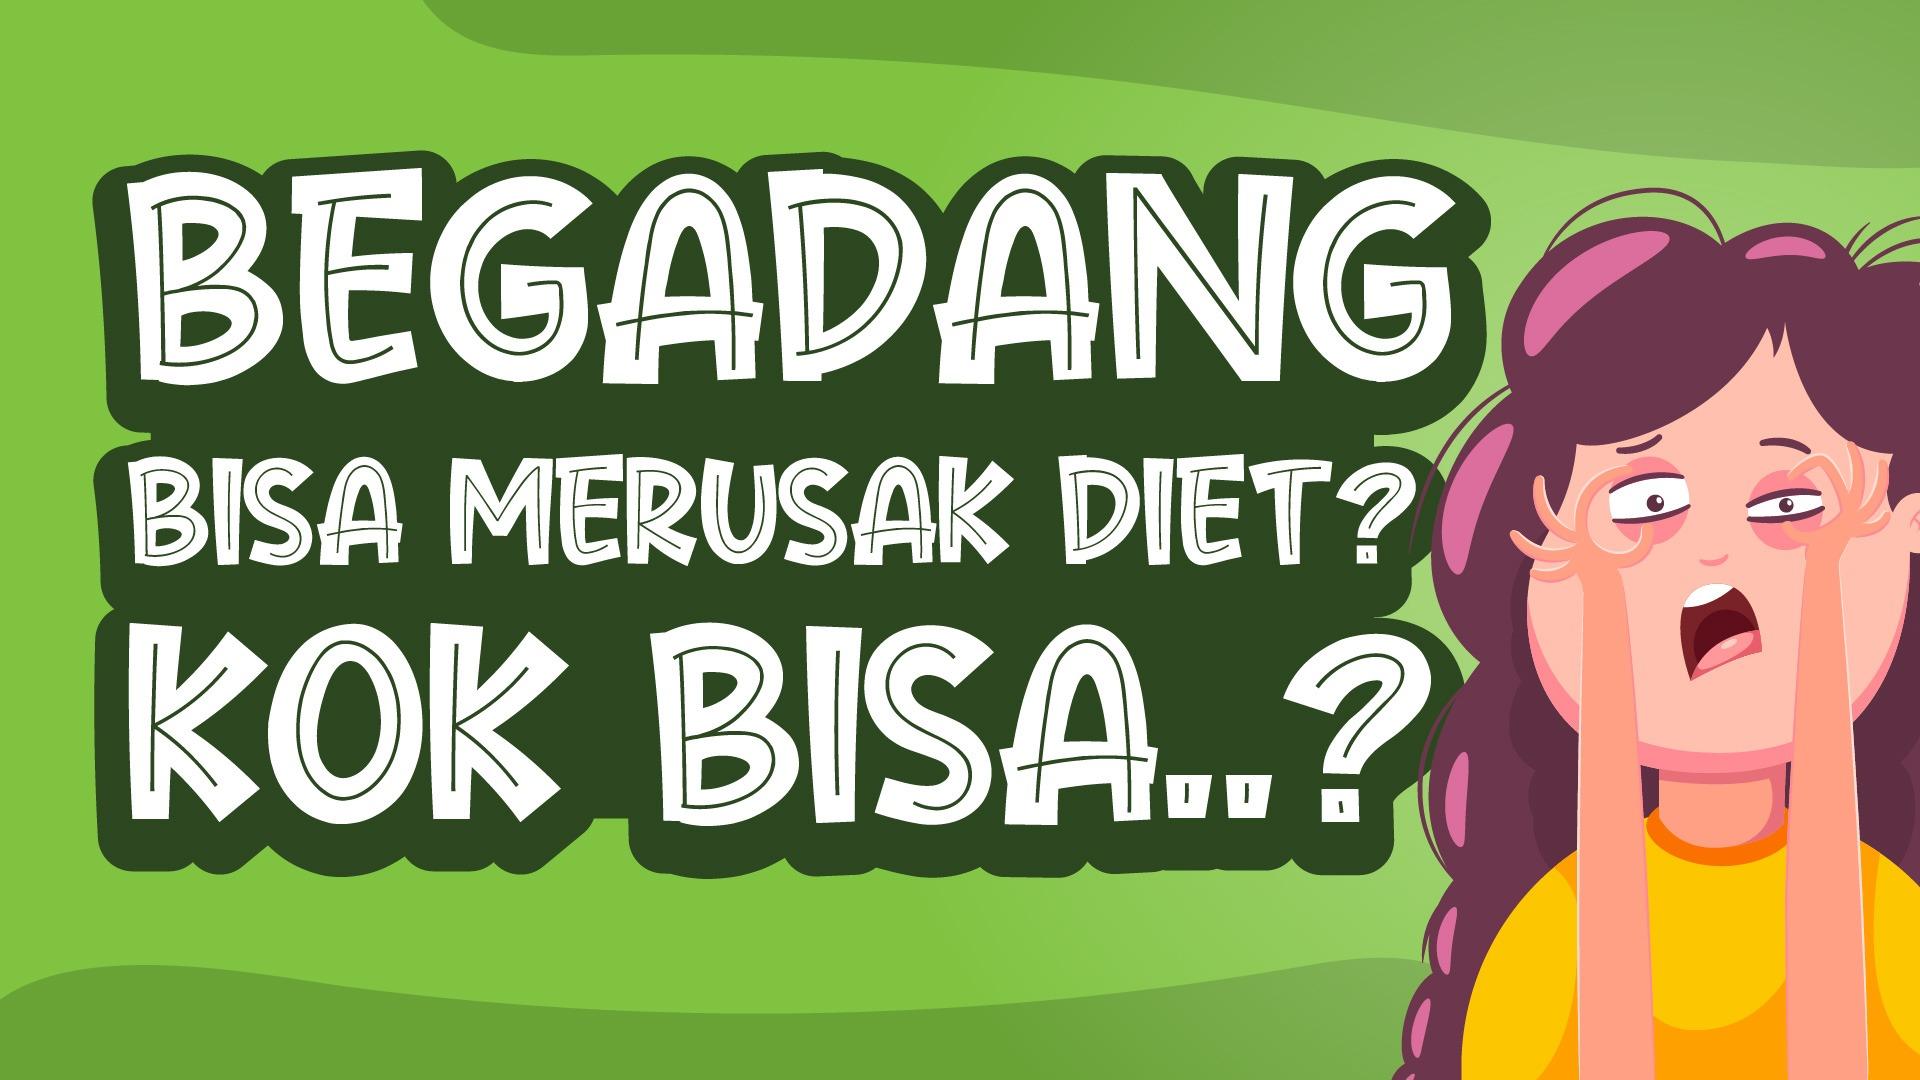 begadang bisa merusak diet